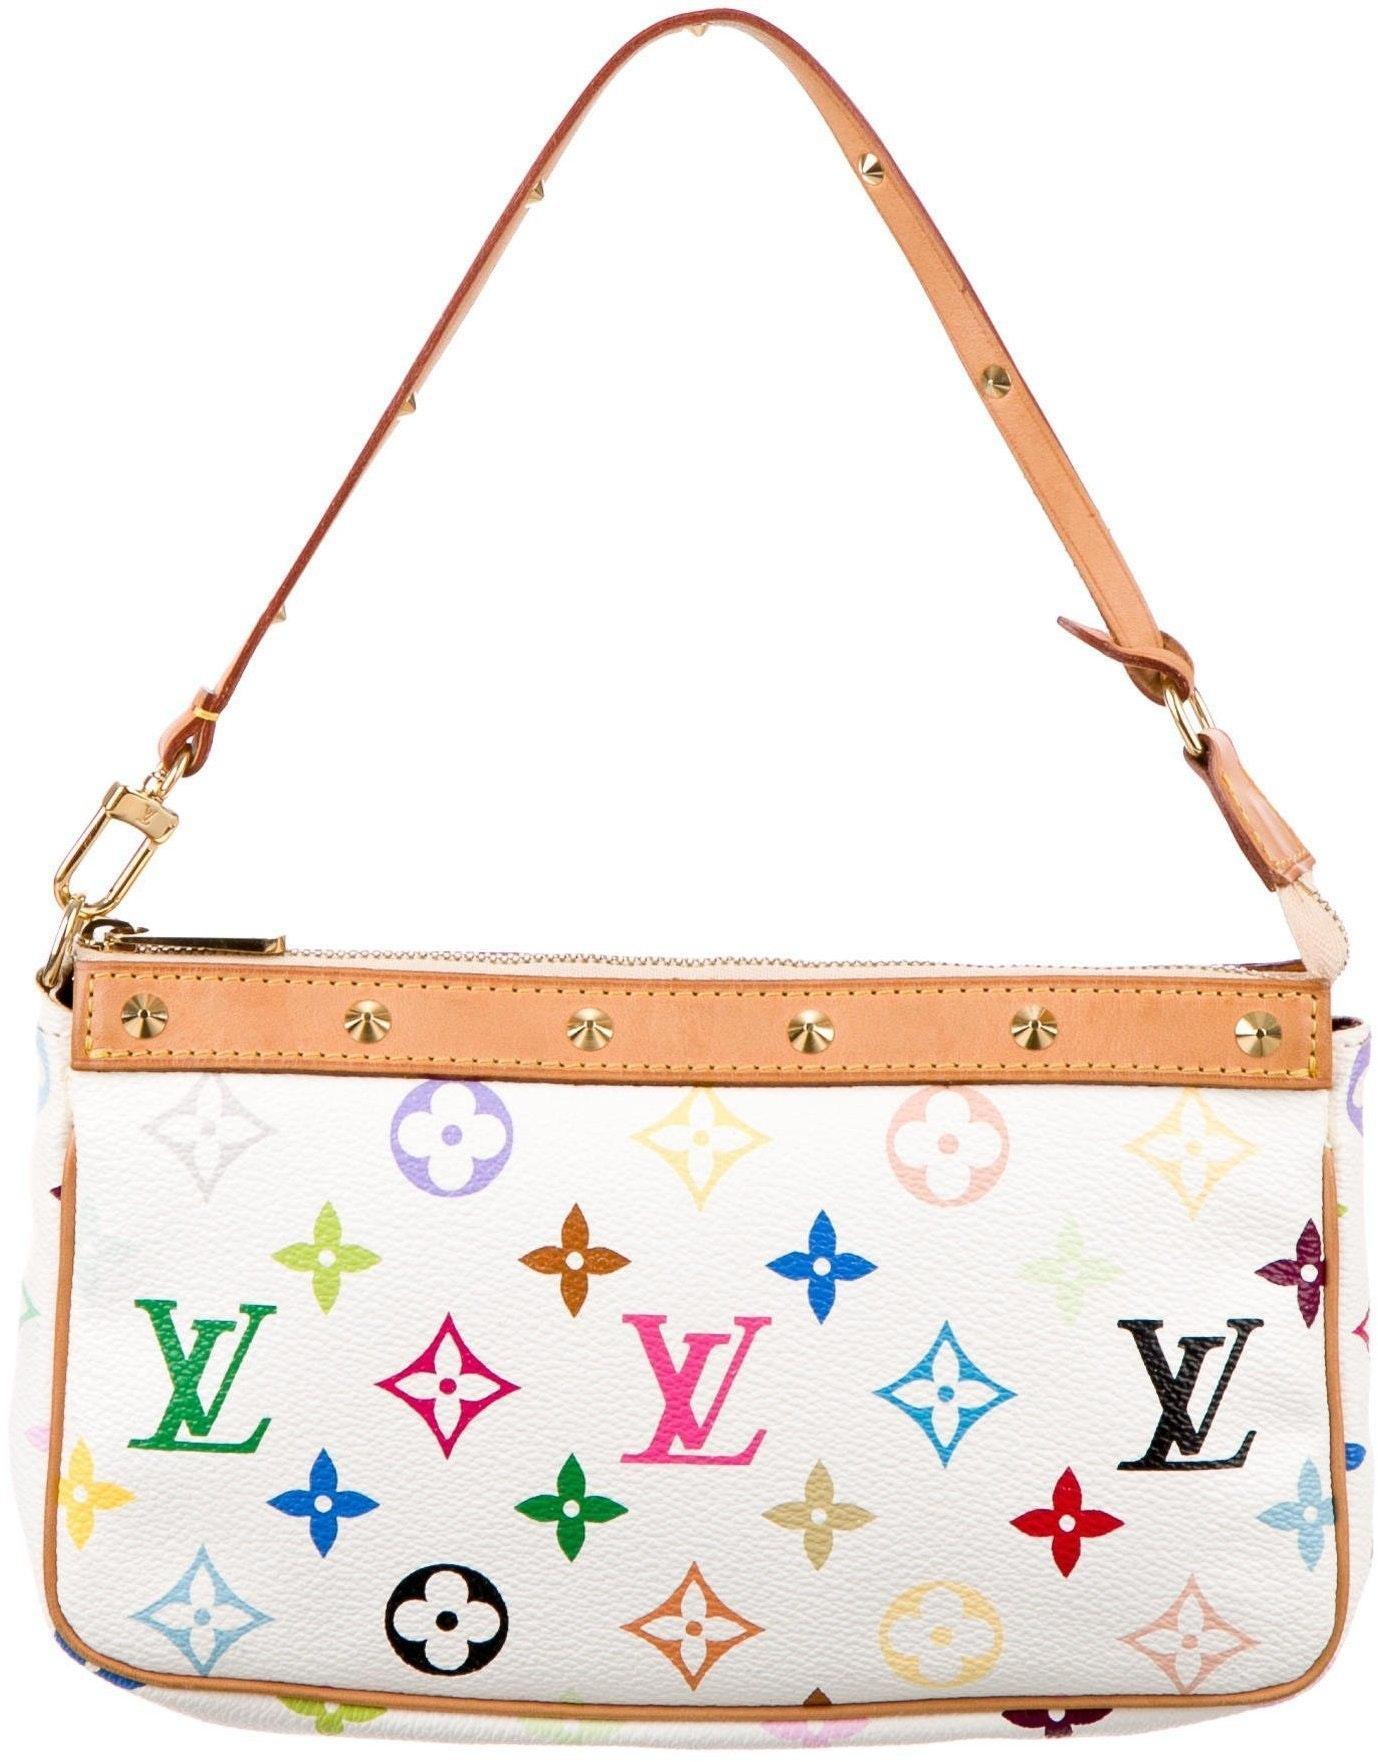 Louis Vuitton Pochette Monogram Multicolore White